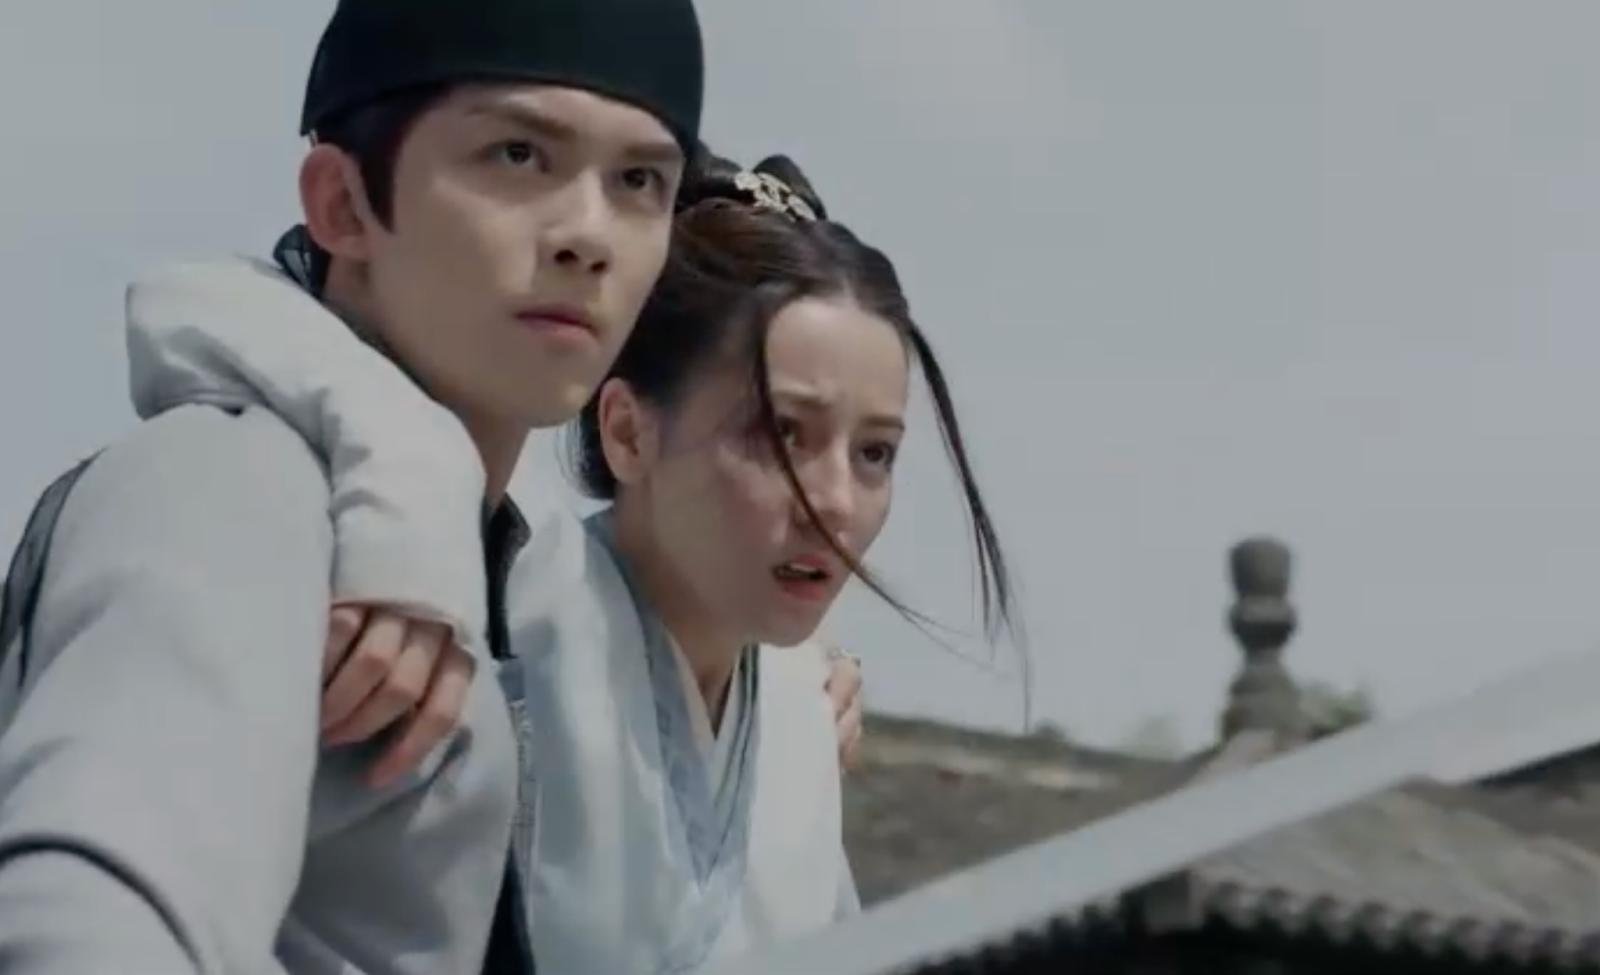 Triệu Lộ Tư tát lệch mặt Lưu Vũ Ninh ở Trường Ca Hành, bắt đầu chiến tranh lạnh vì Địch Lệ Nhiệt Ba! - Ảnh 13.